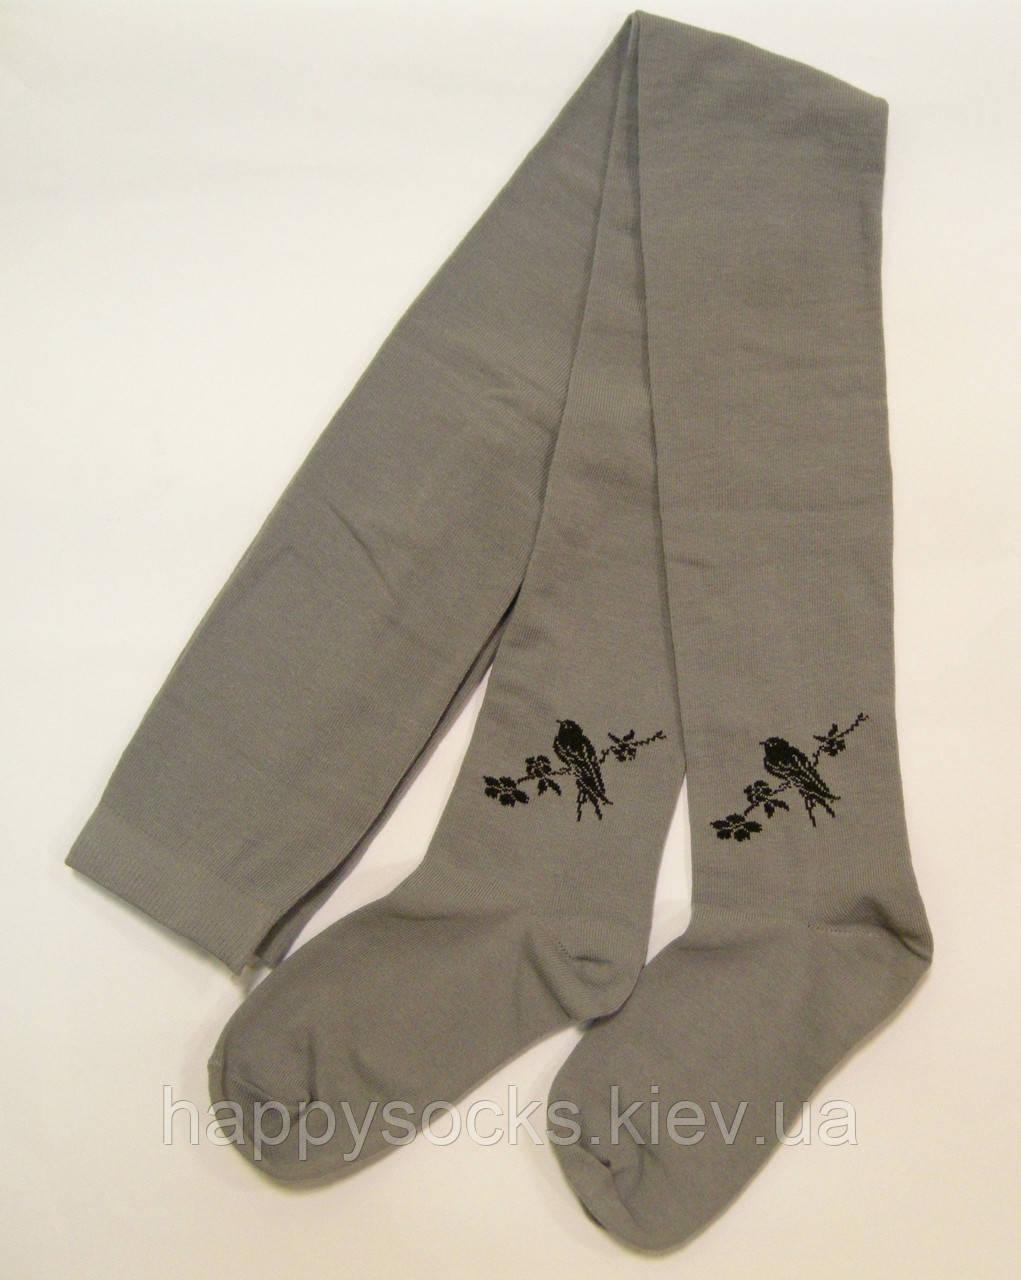 Хлопковые колготки серого цвета с птичкой демисезонные